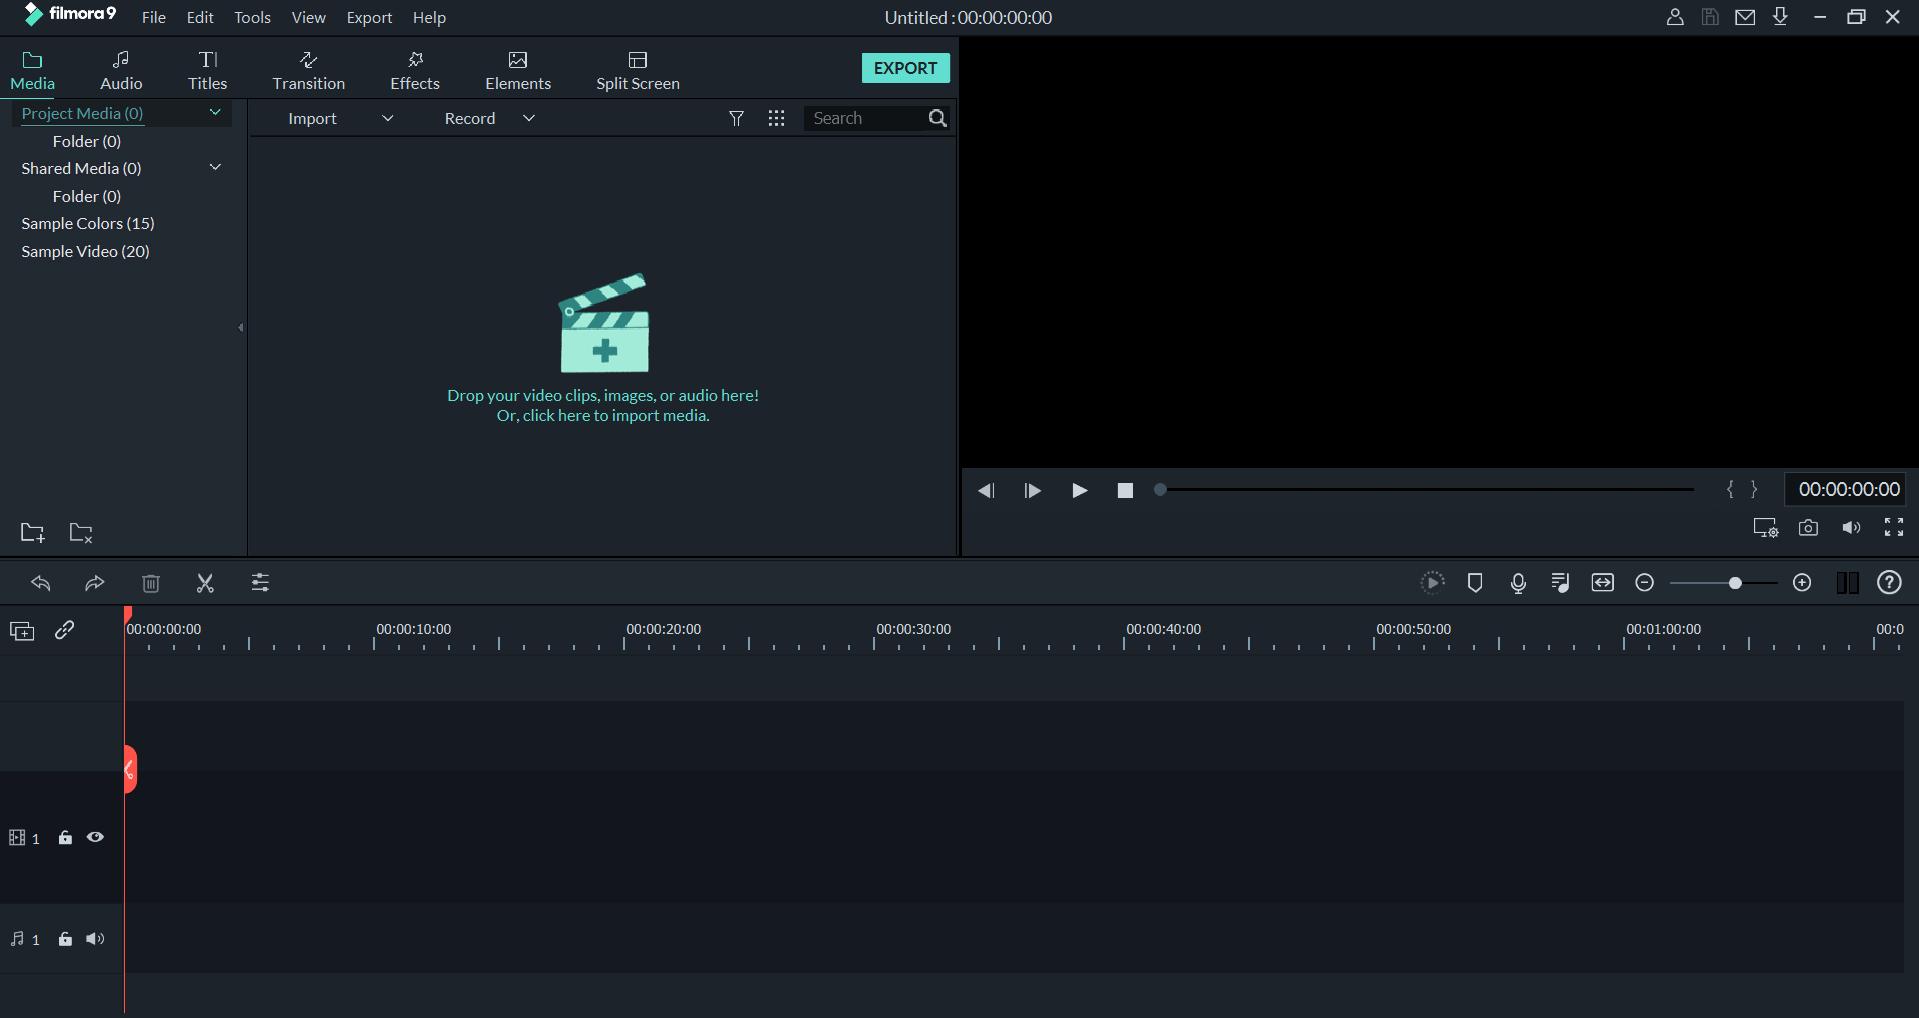 הממשק של תוכנת העריכה של פילמורה (Filmora) כאשר מתחילים פרויקט חדש במערכת